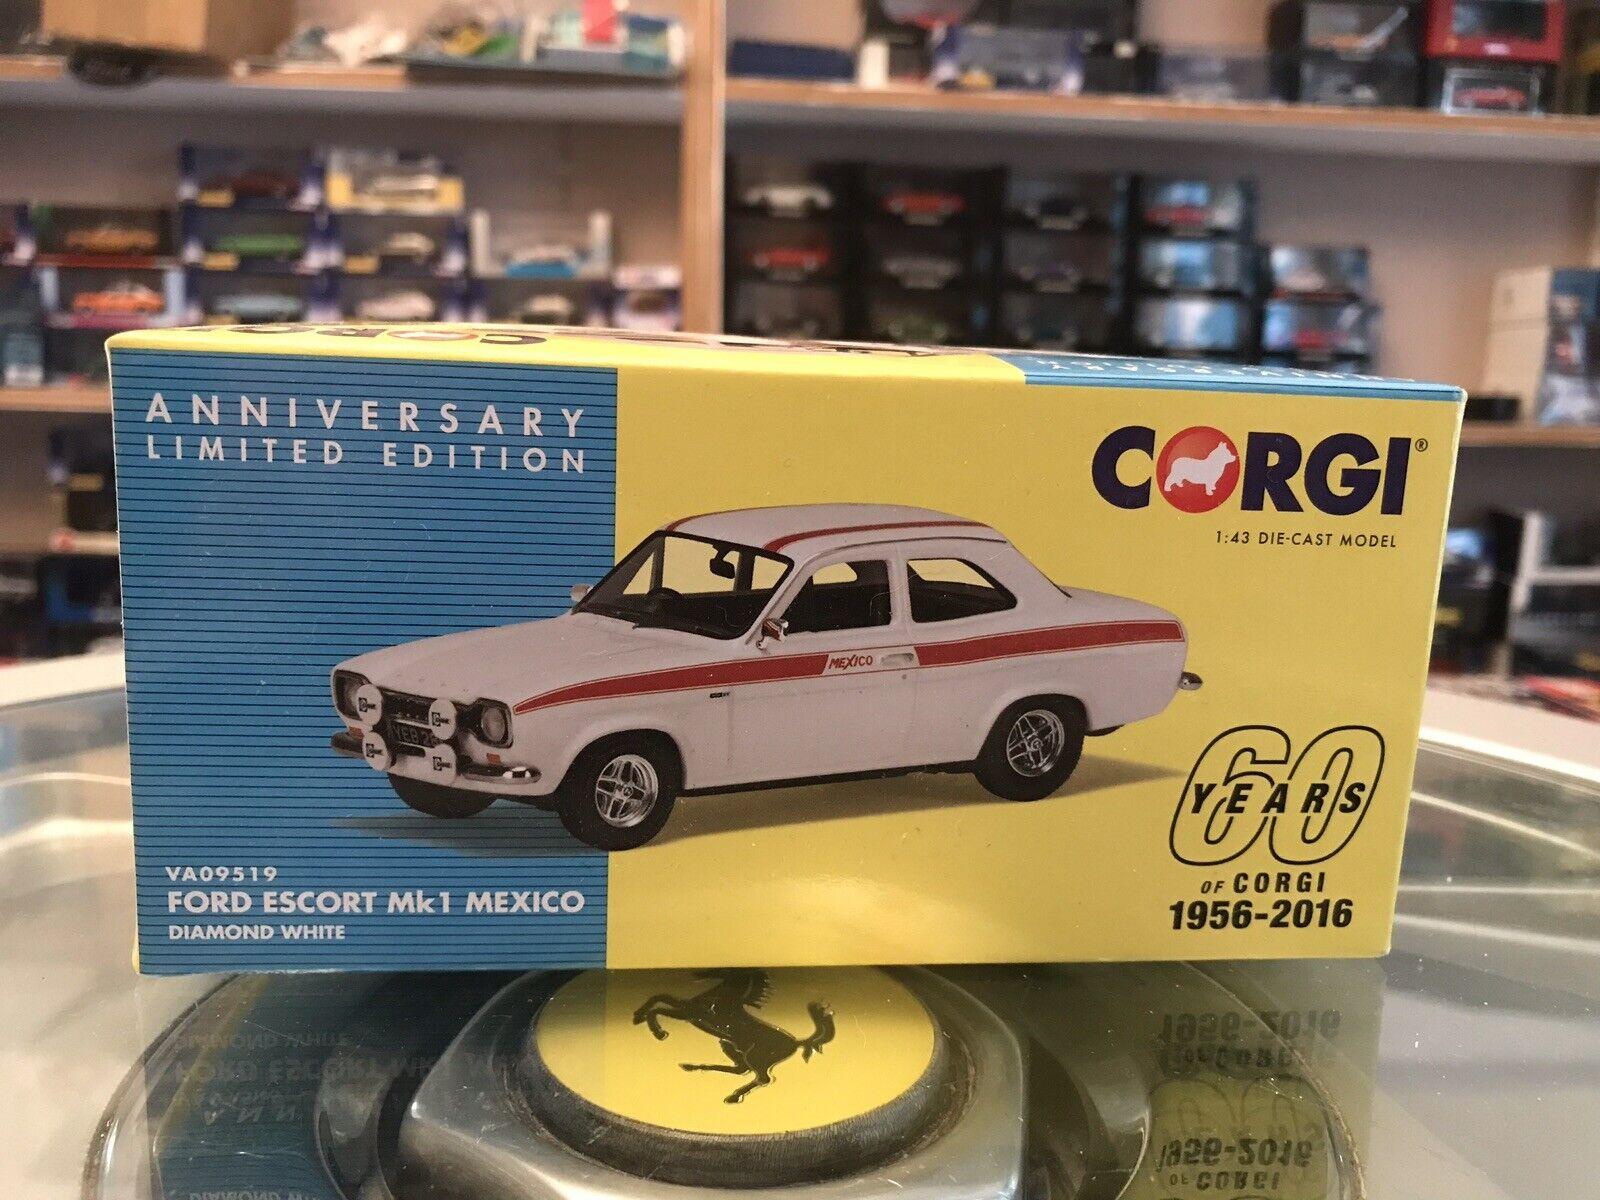 Corgi Vanguards Ford Escort Mk1 Mexico White Red Stripes 1 43 MIB Ltd Ed VA09519